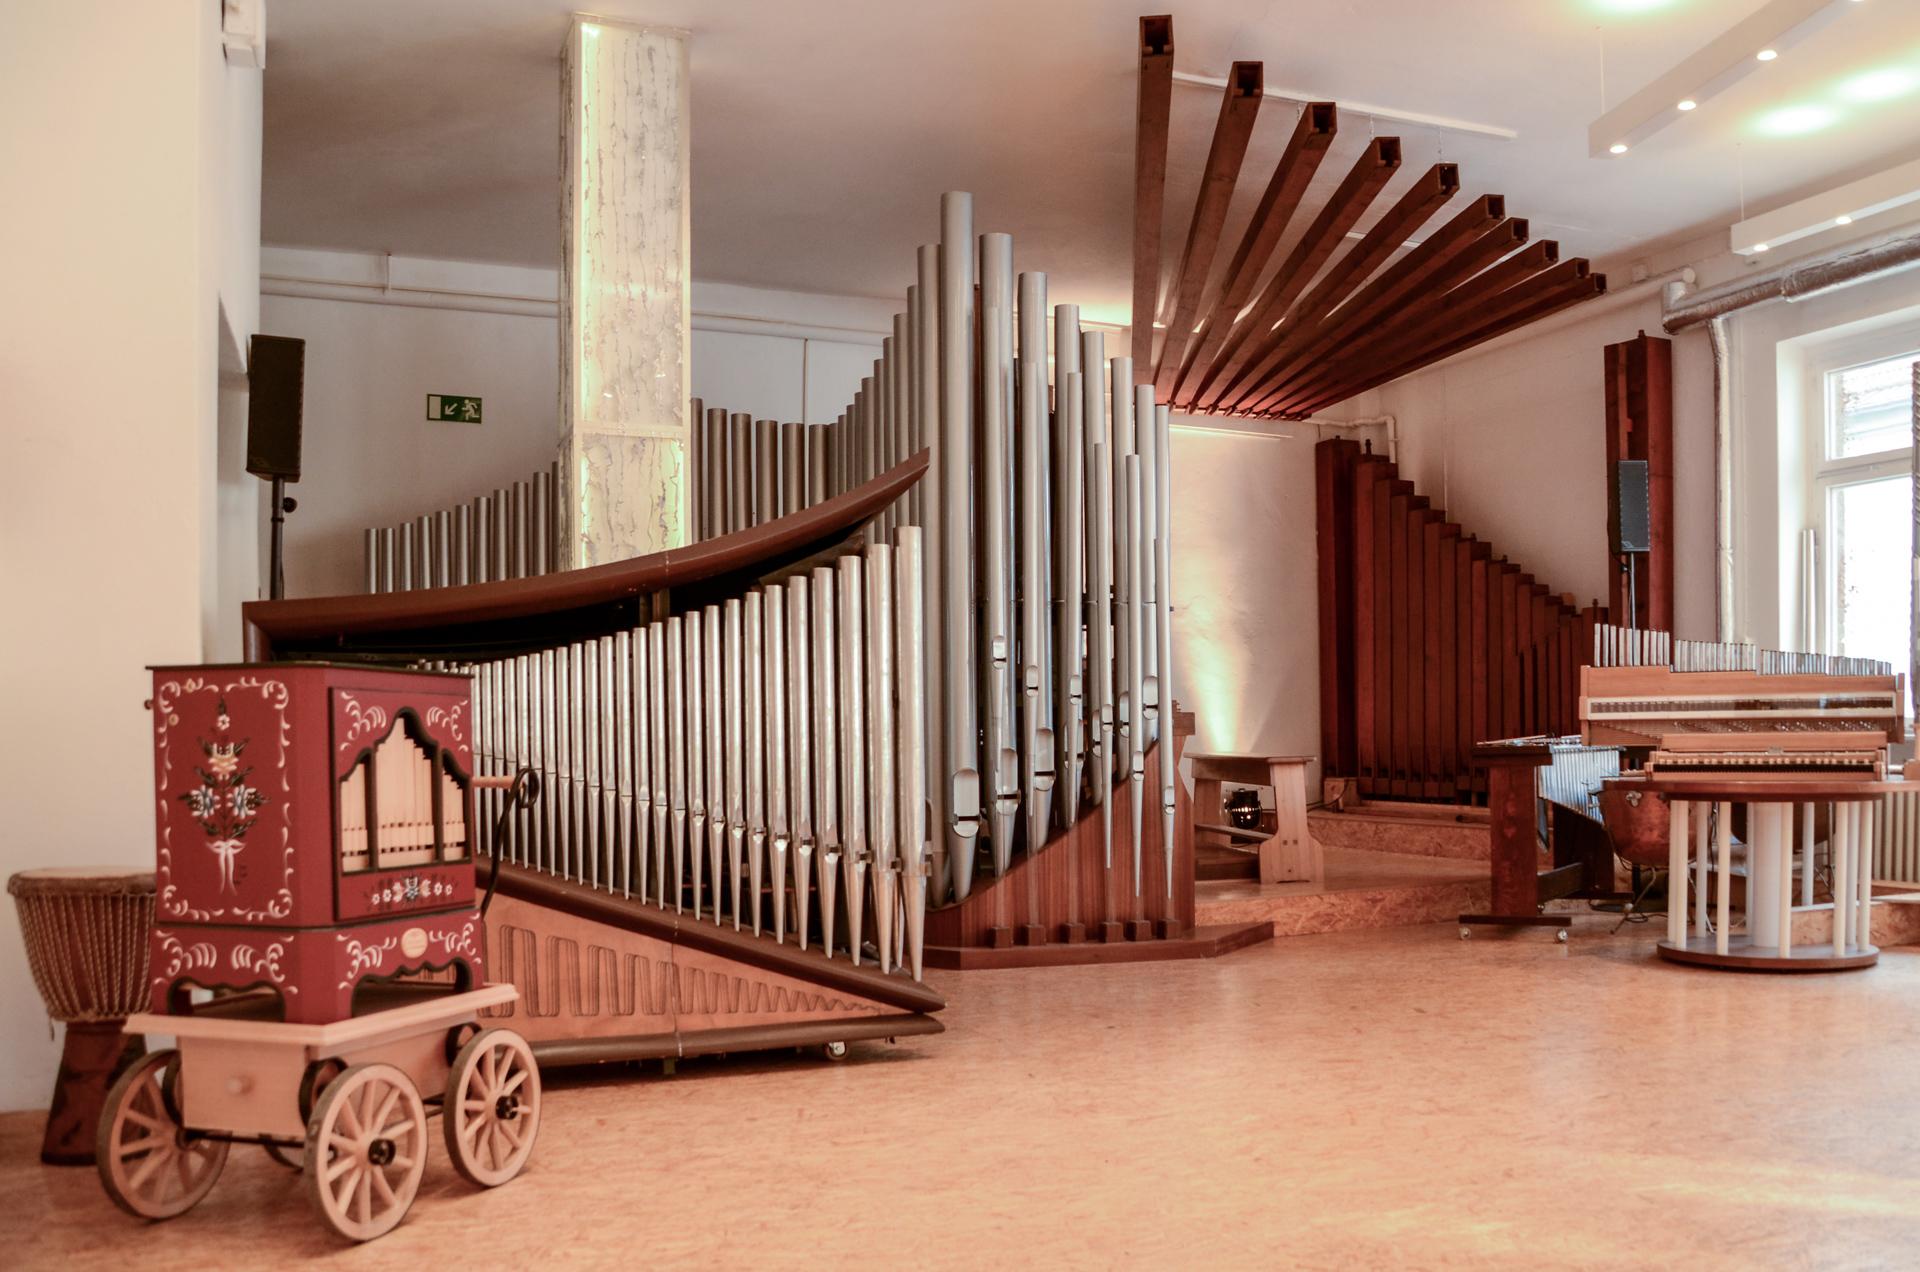 Orgelakademie Bad Liebenwerda